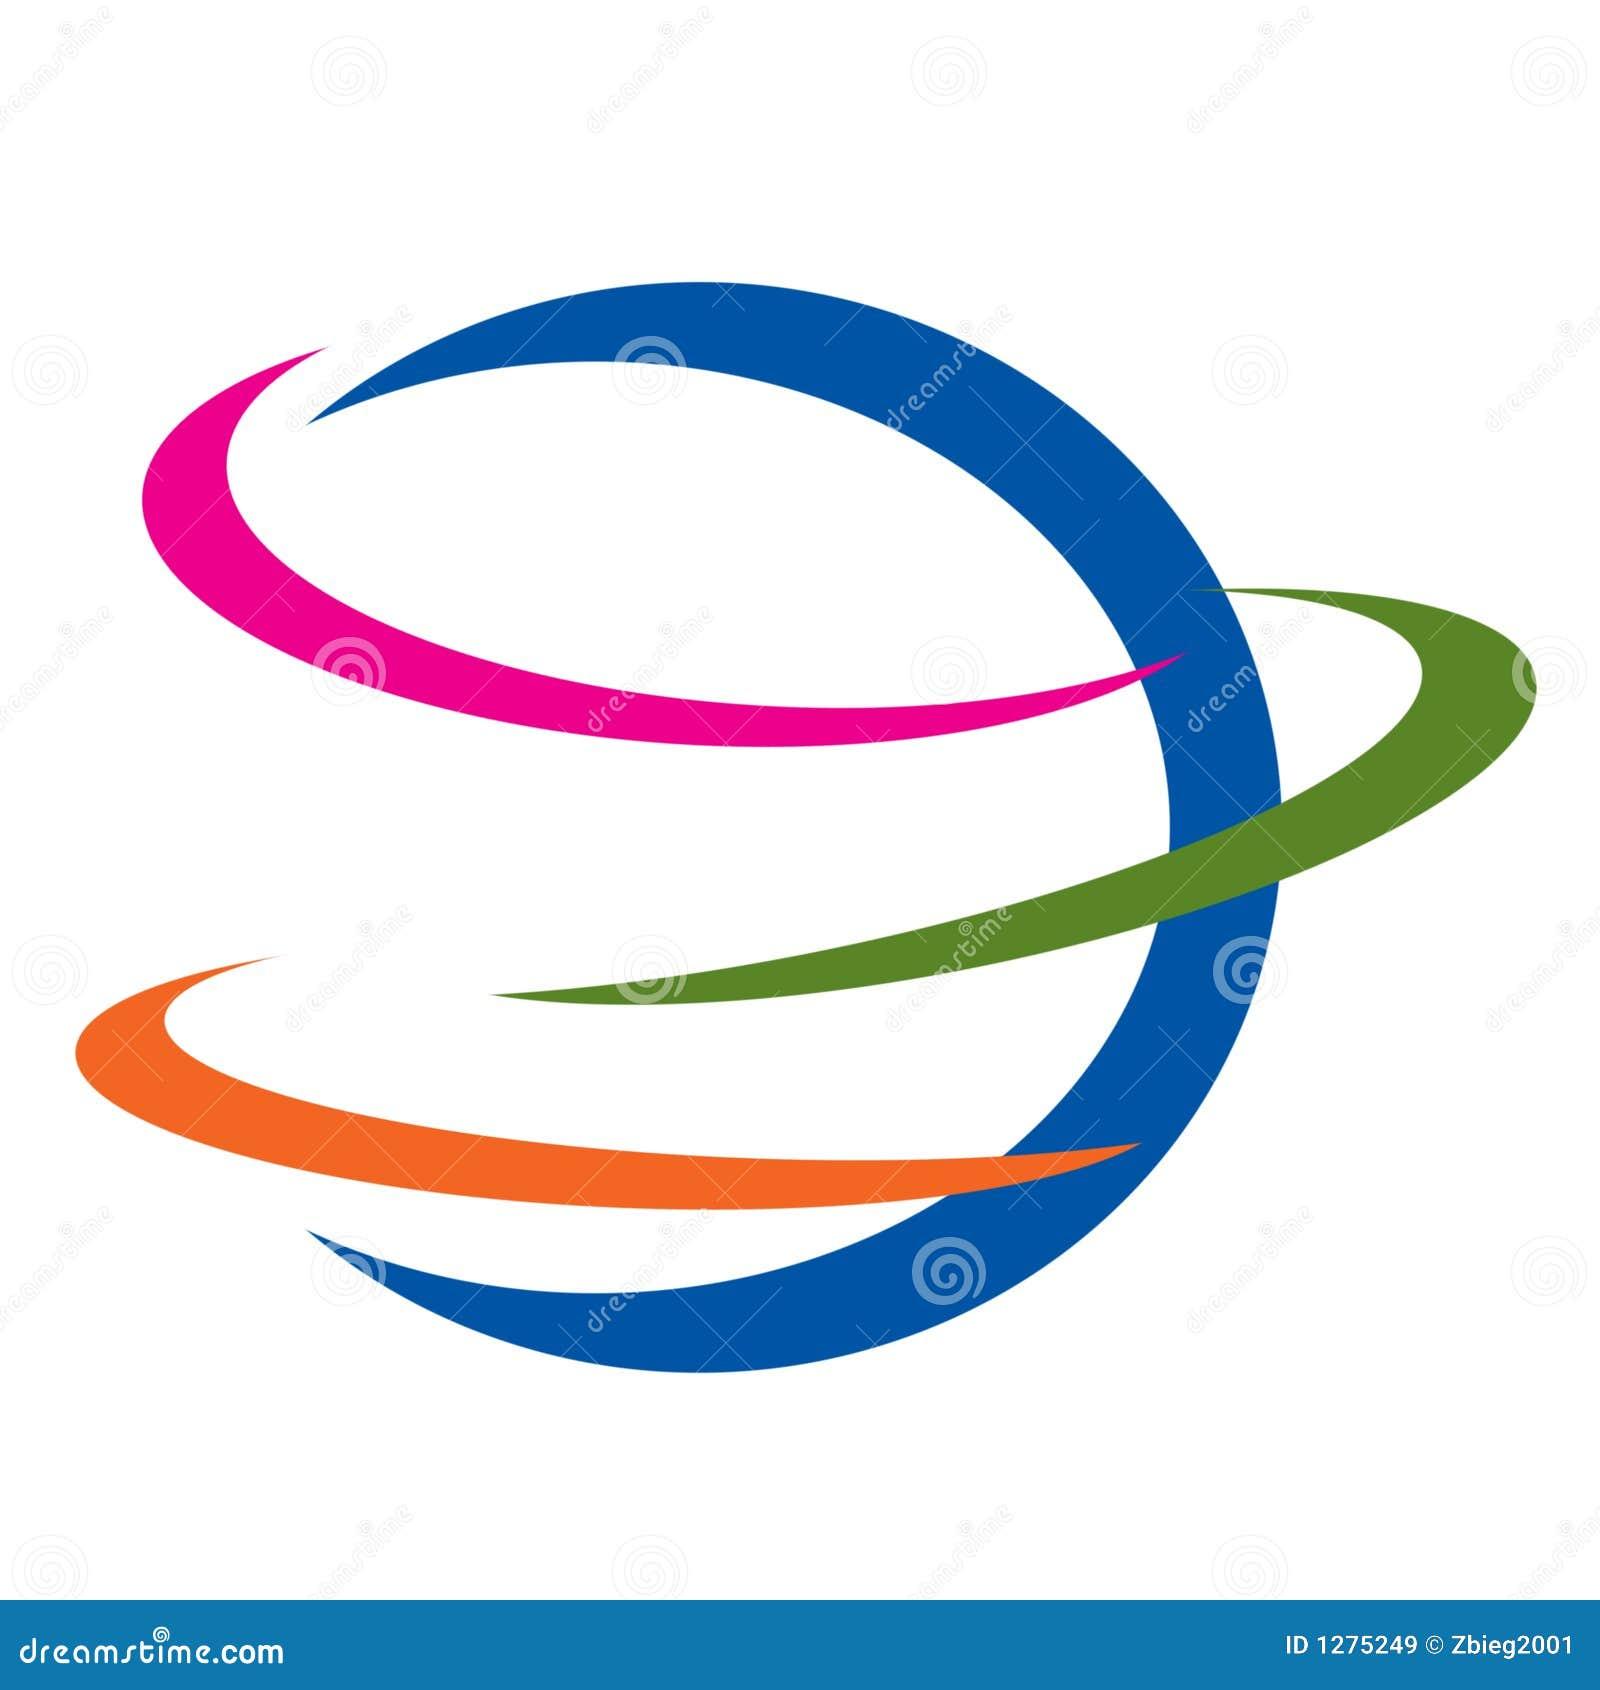 Earth logo icon